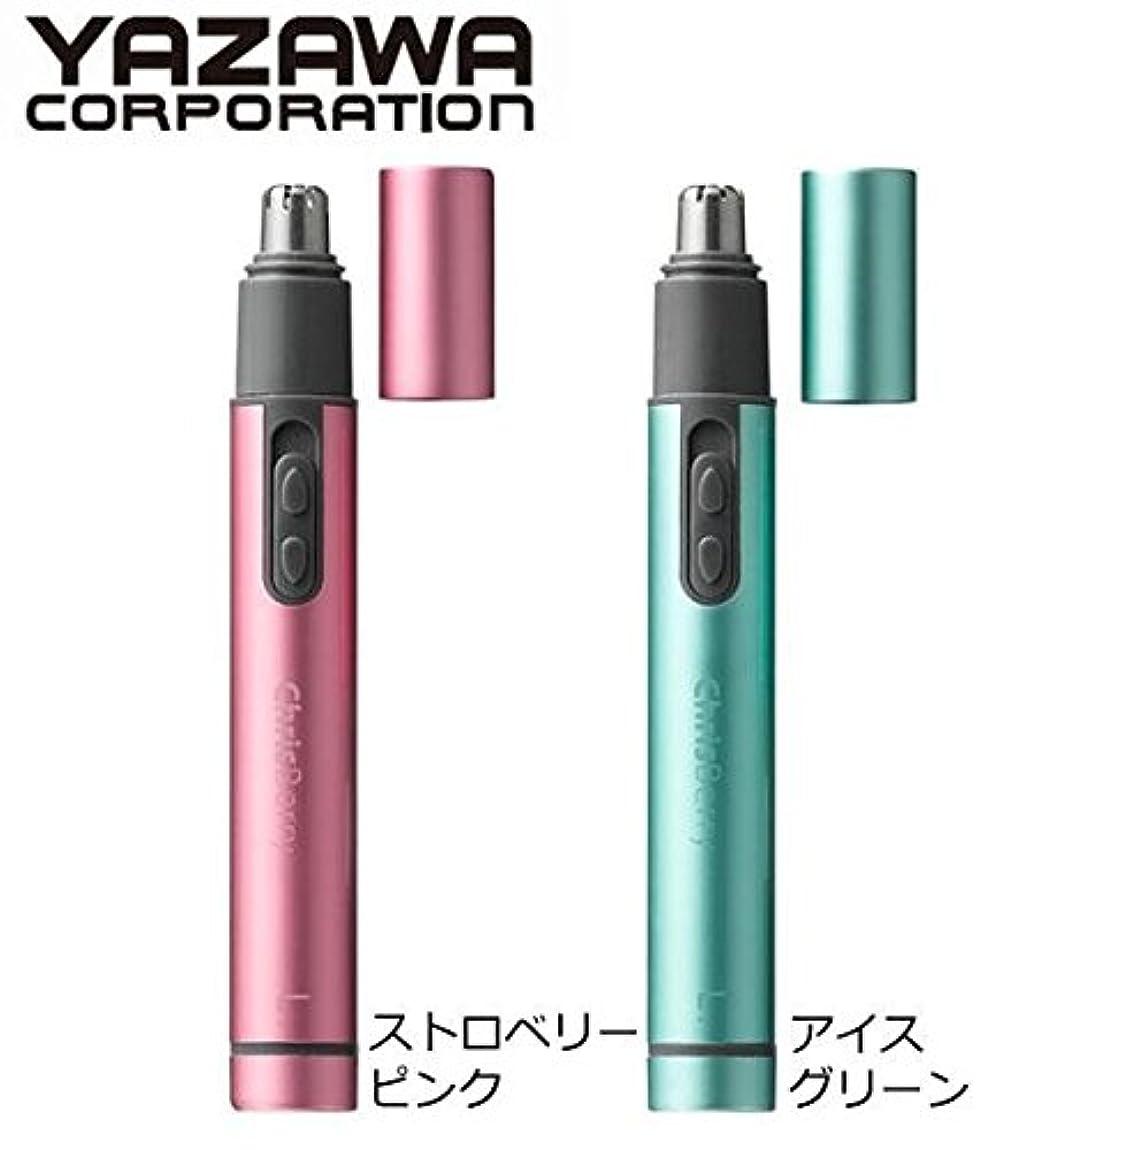 ドナーブルゴーニュアレキサンダーグラハムベルYAZAWA(ヤザワ) ノーズトリマー ■2種類の内「CH311PK?ストロベリーピンク」のみです